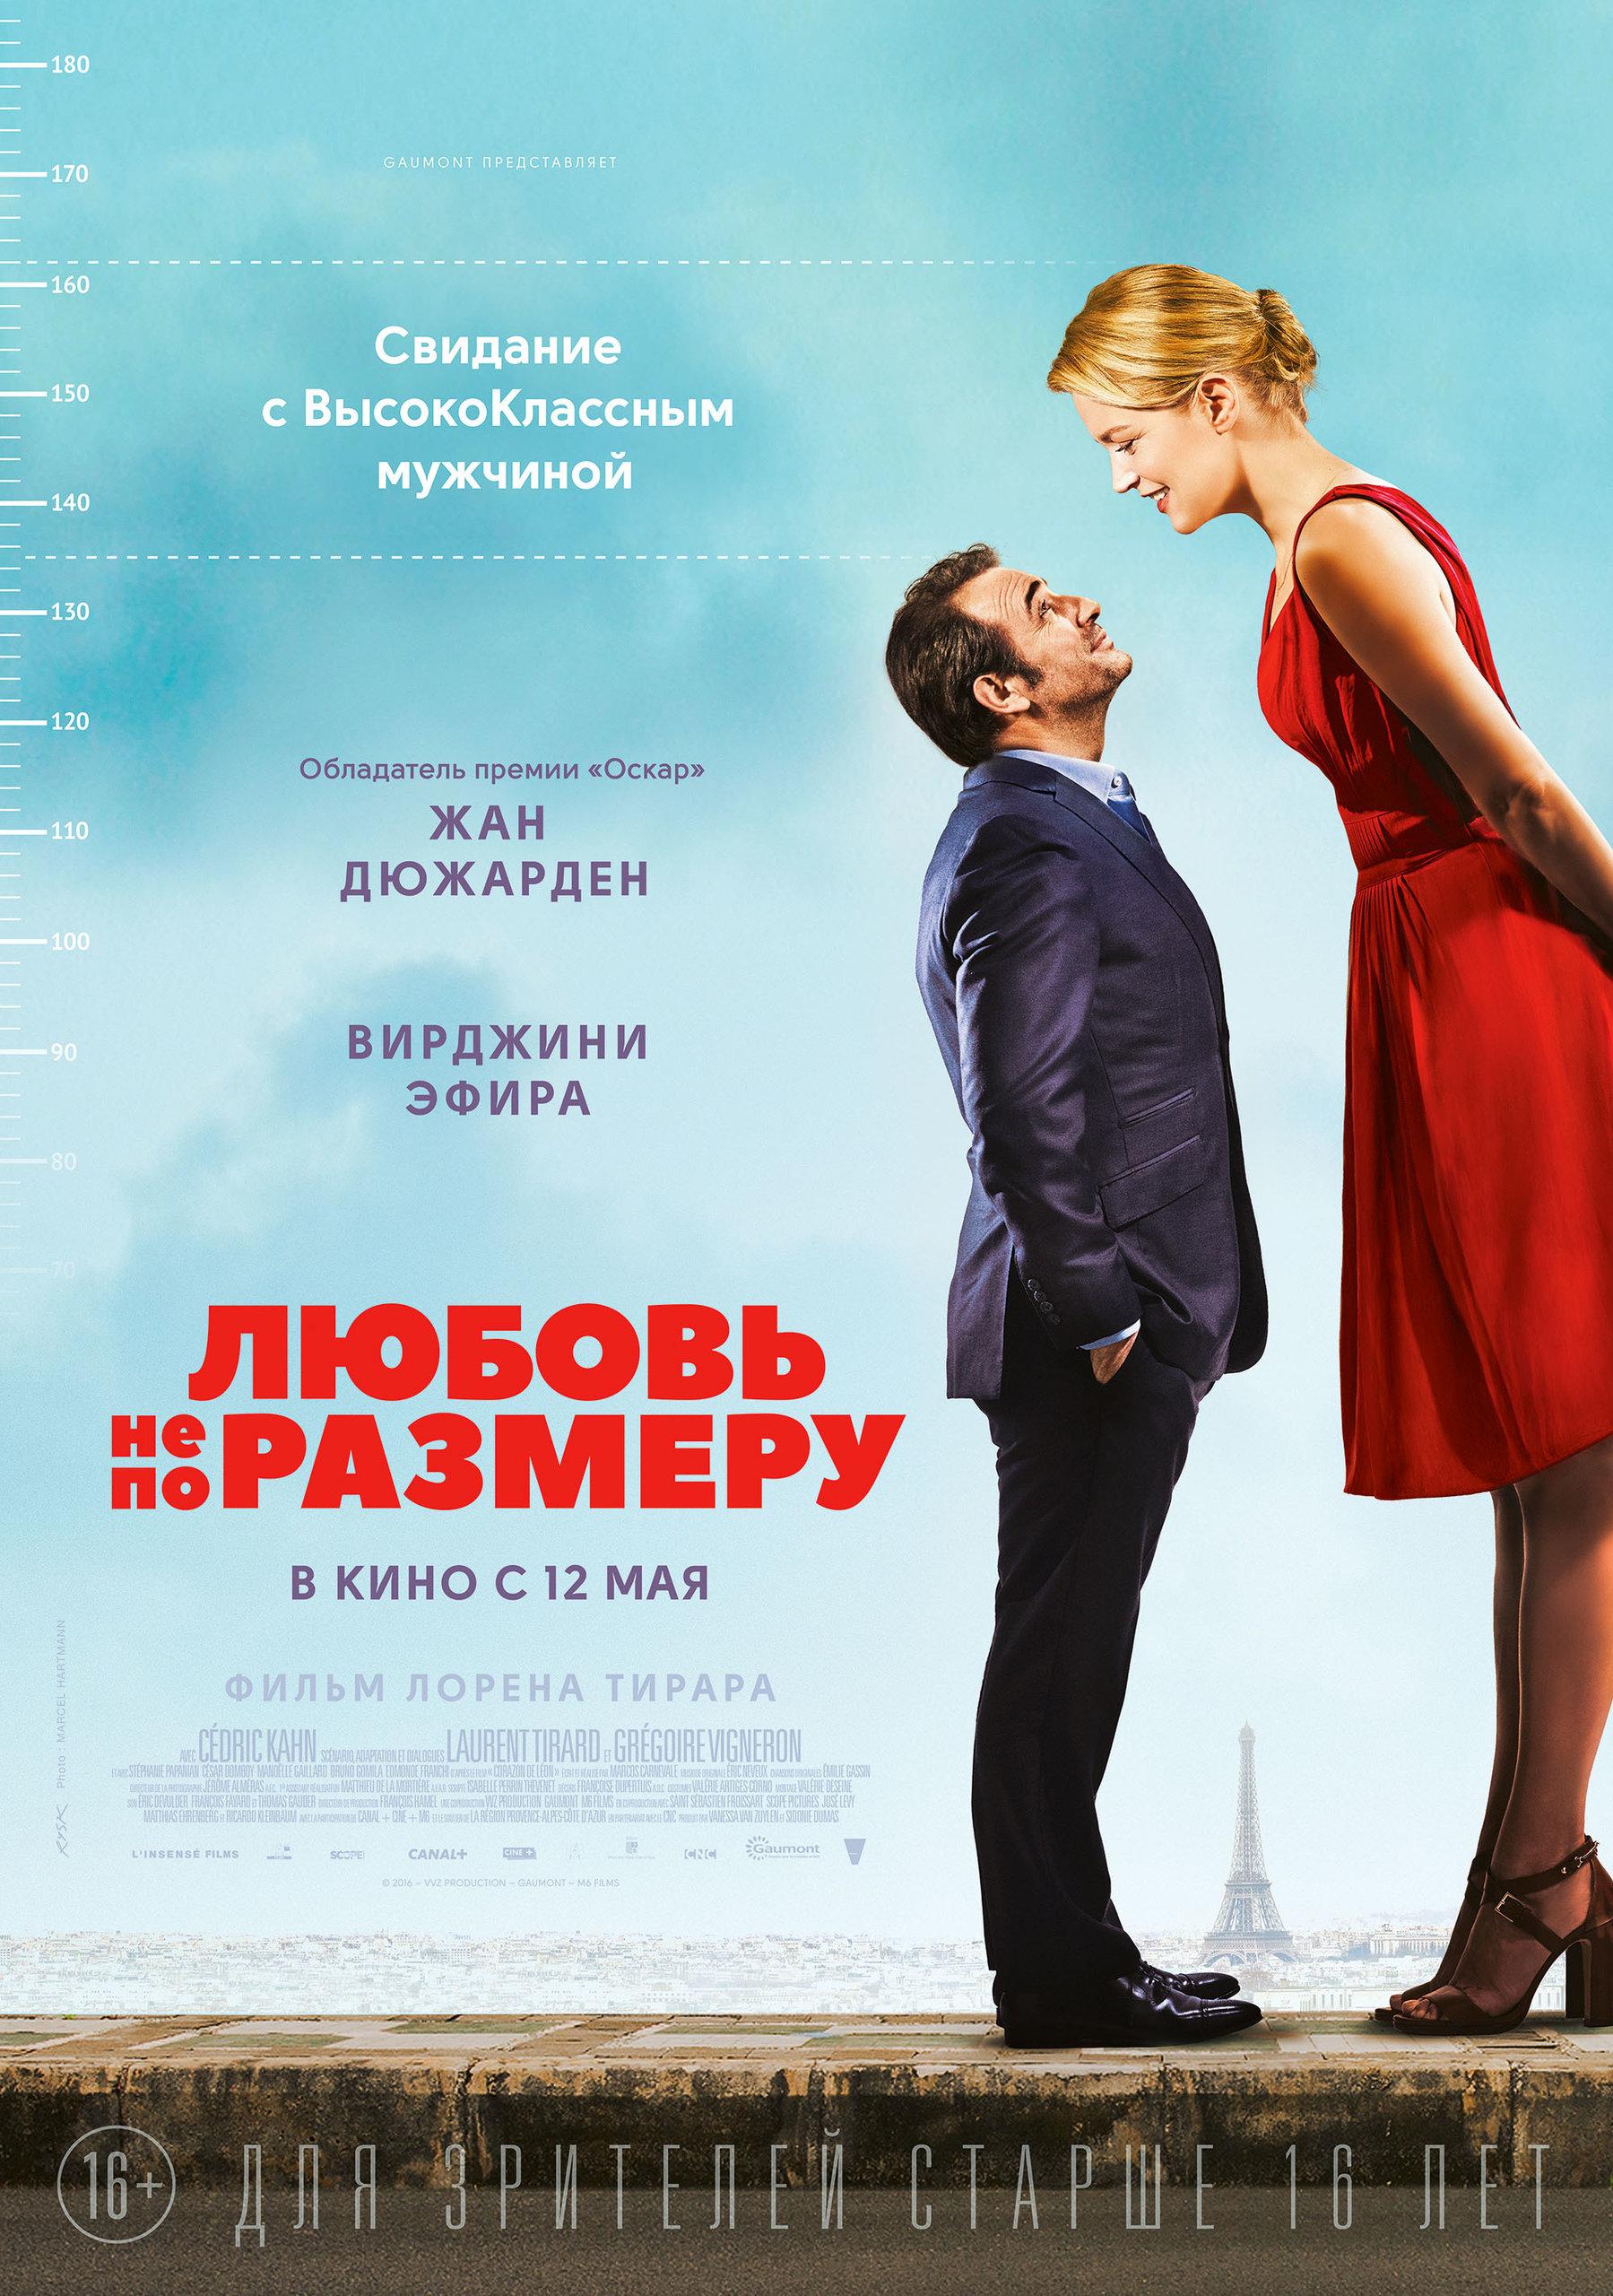 Смотреть фильм Любовь онлайн в хорошем качестве